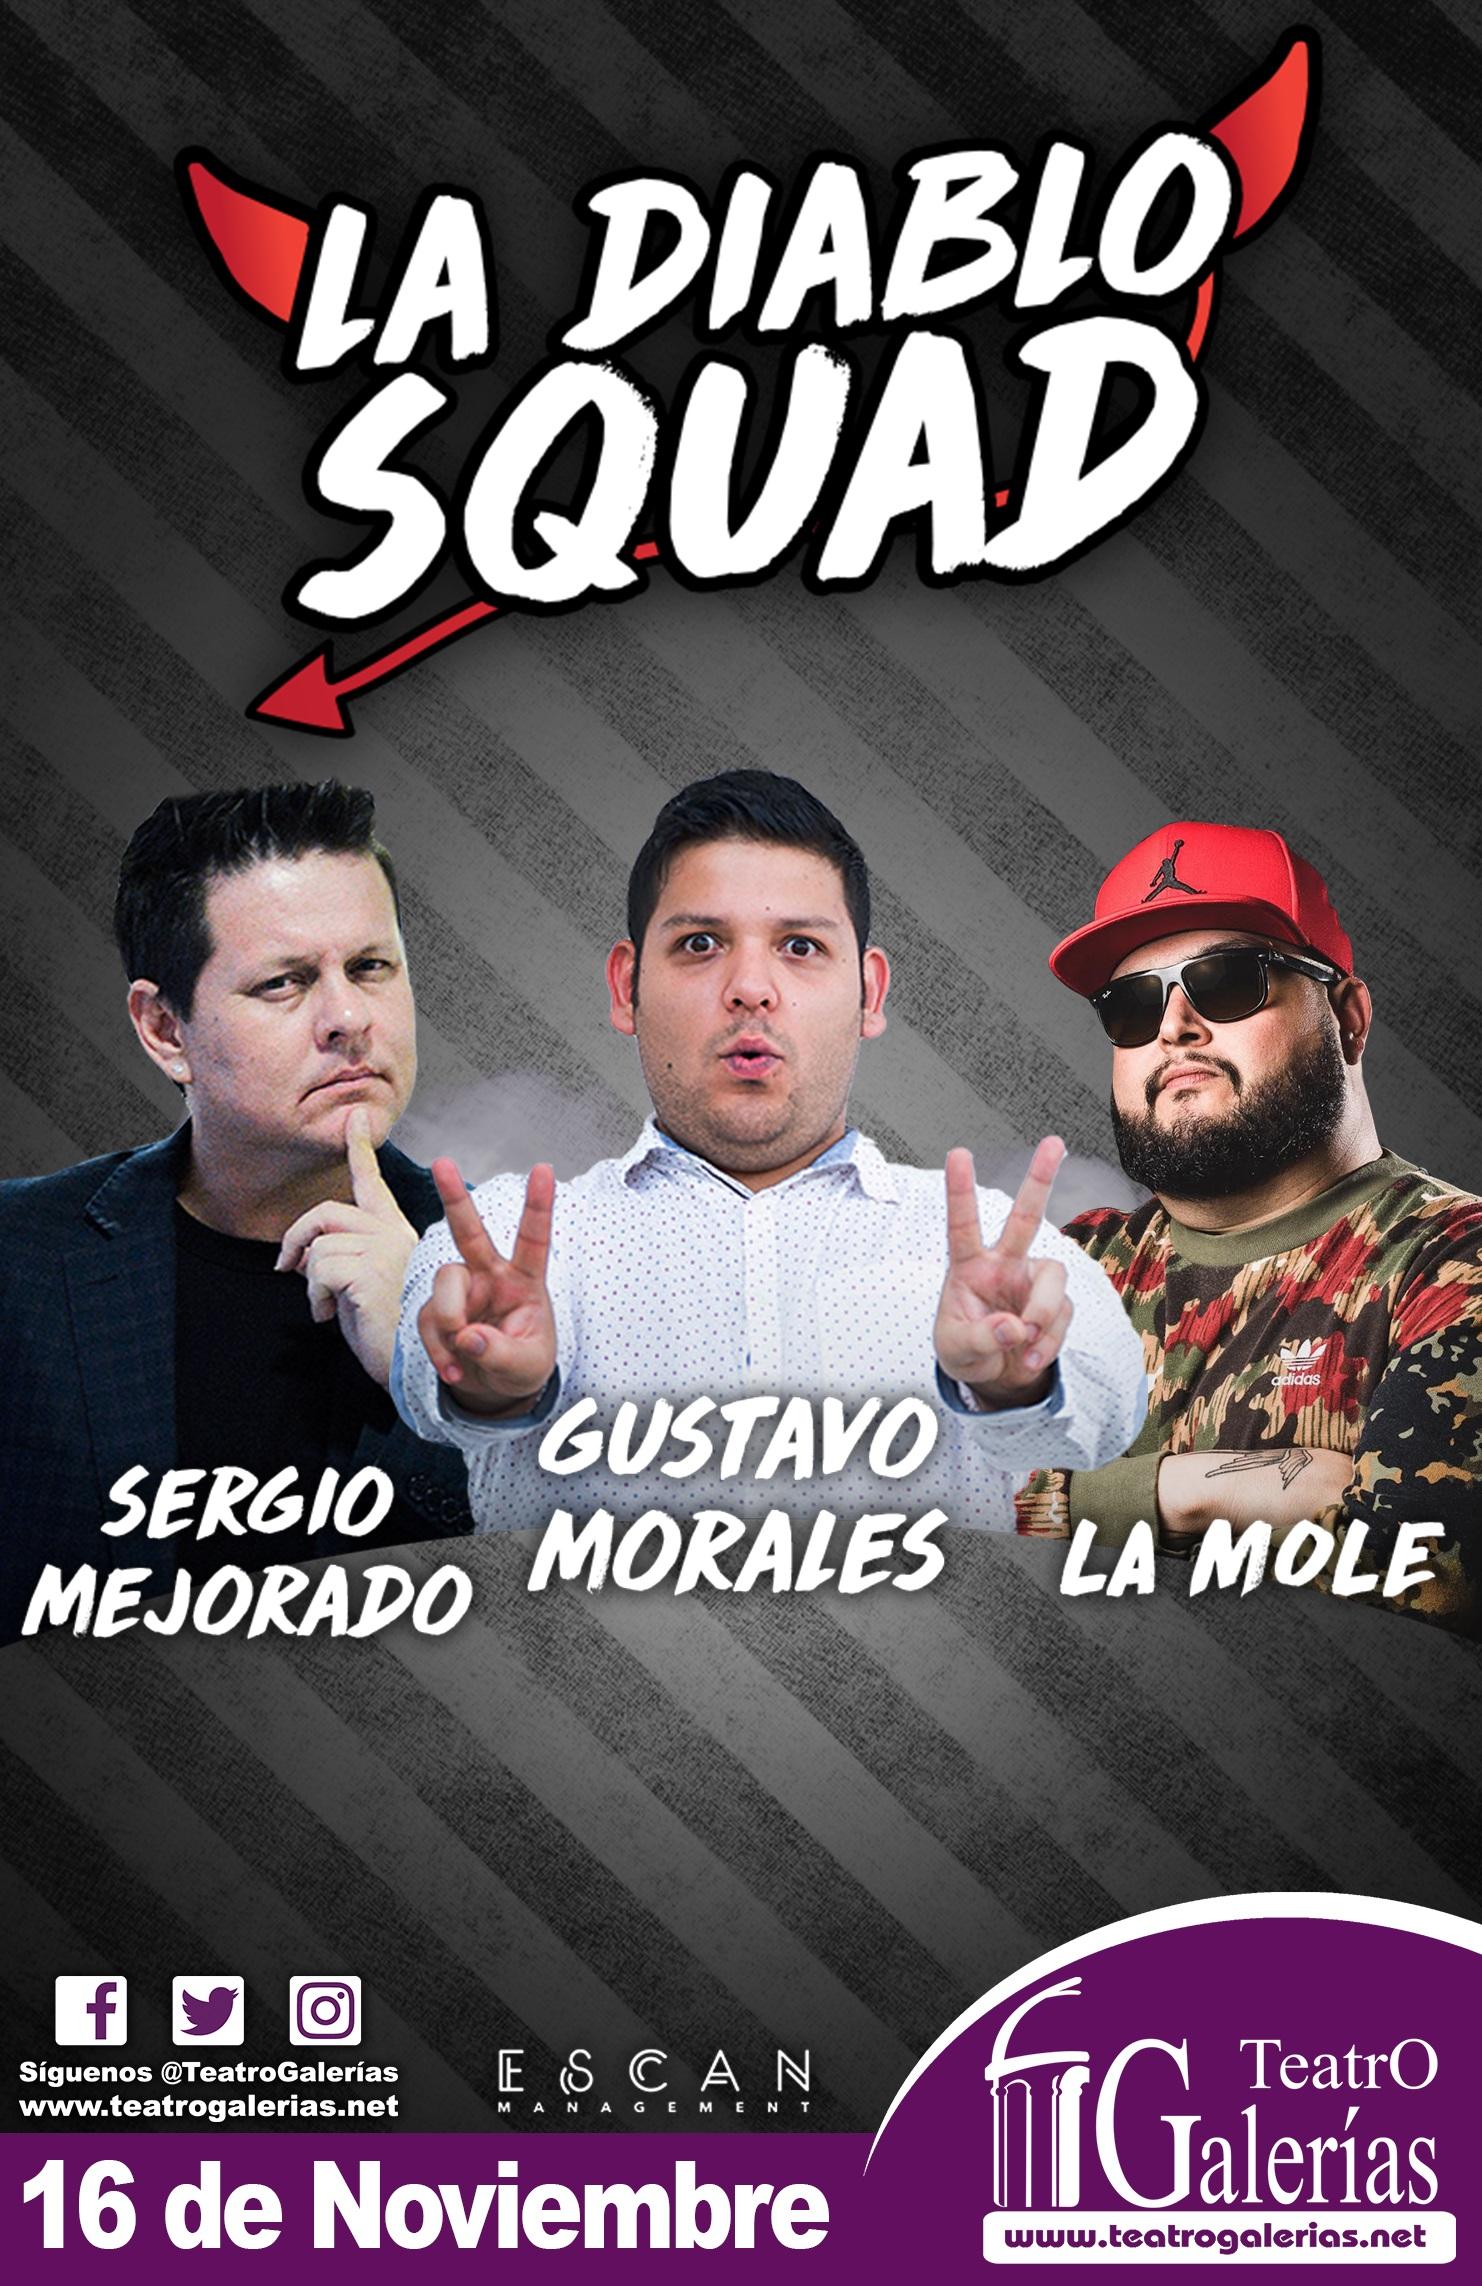 La Diablo Squad / Teatro Galerías